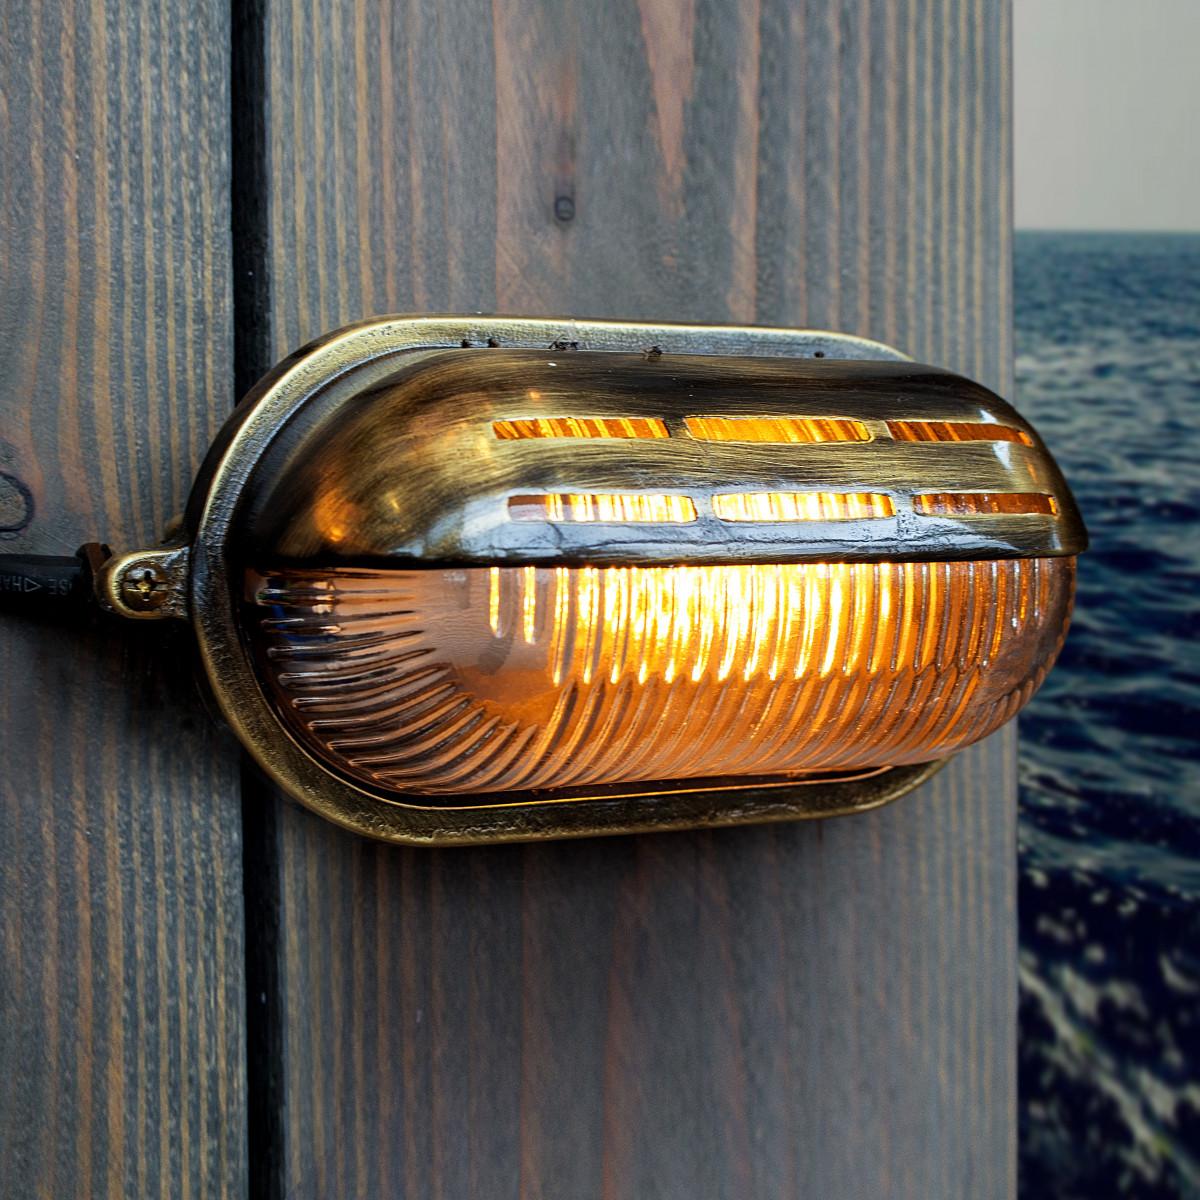 Bronzen muur scheepslamp van messing